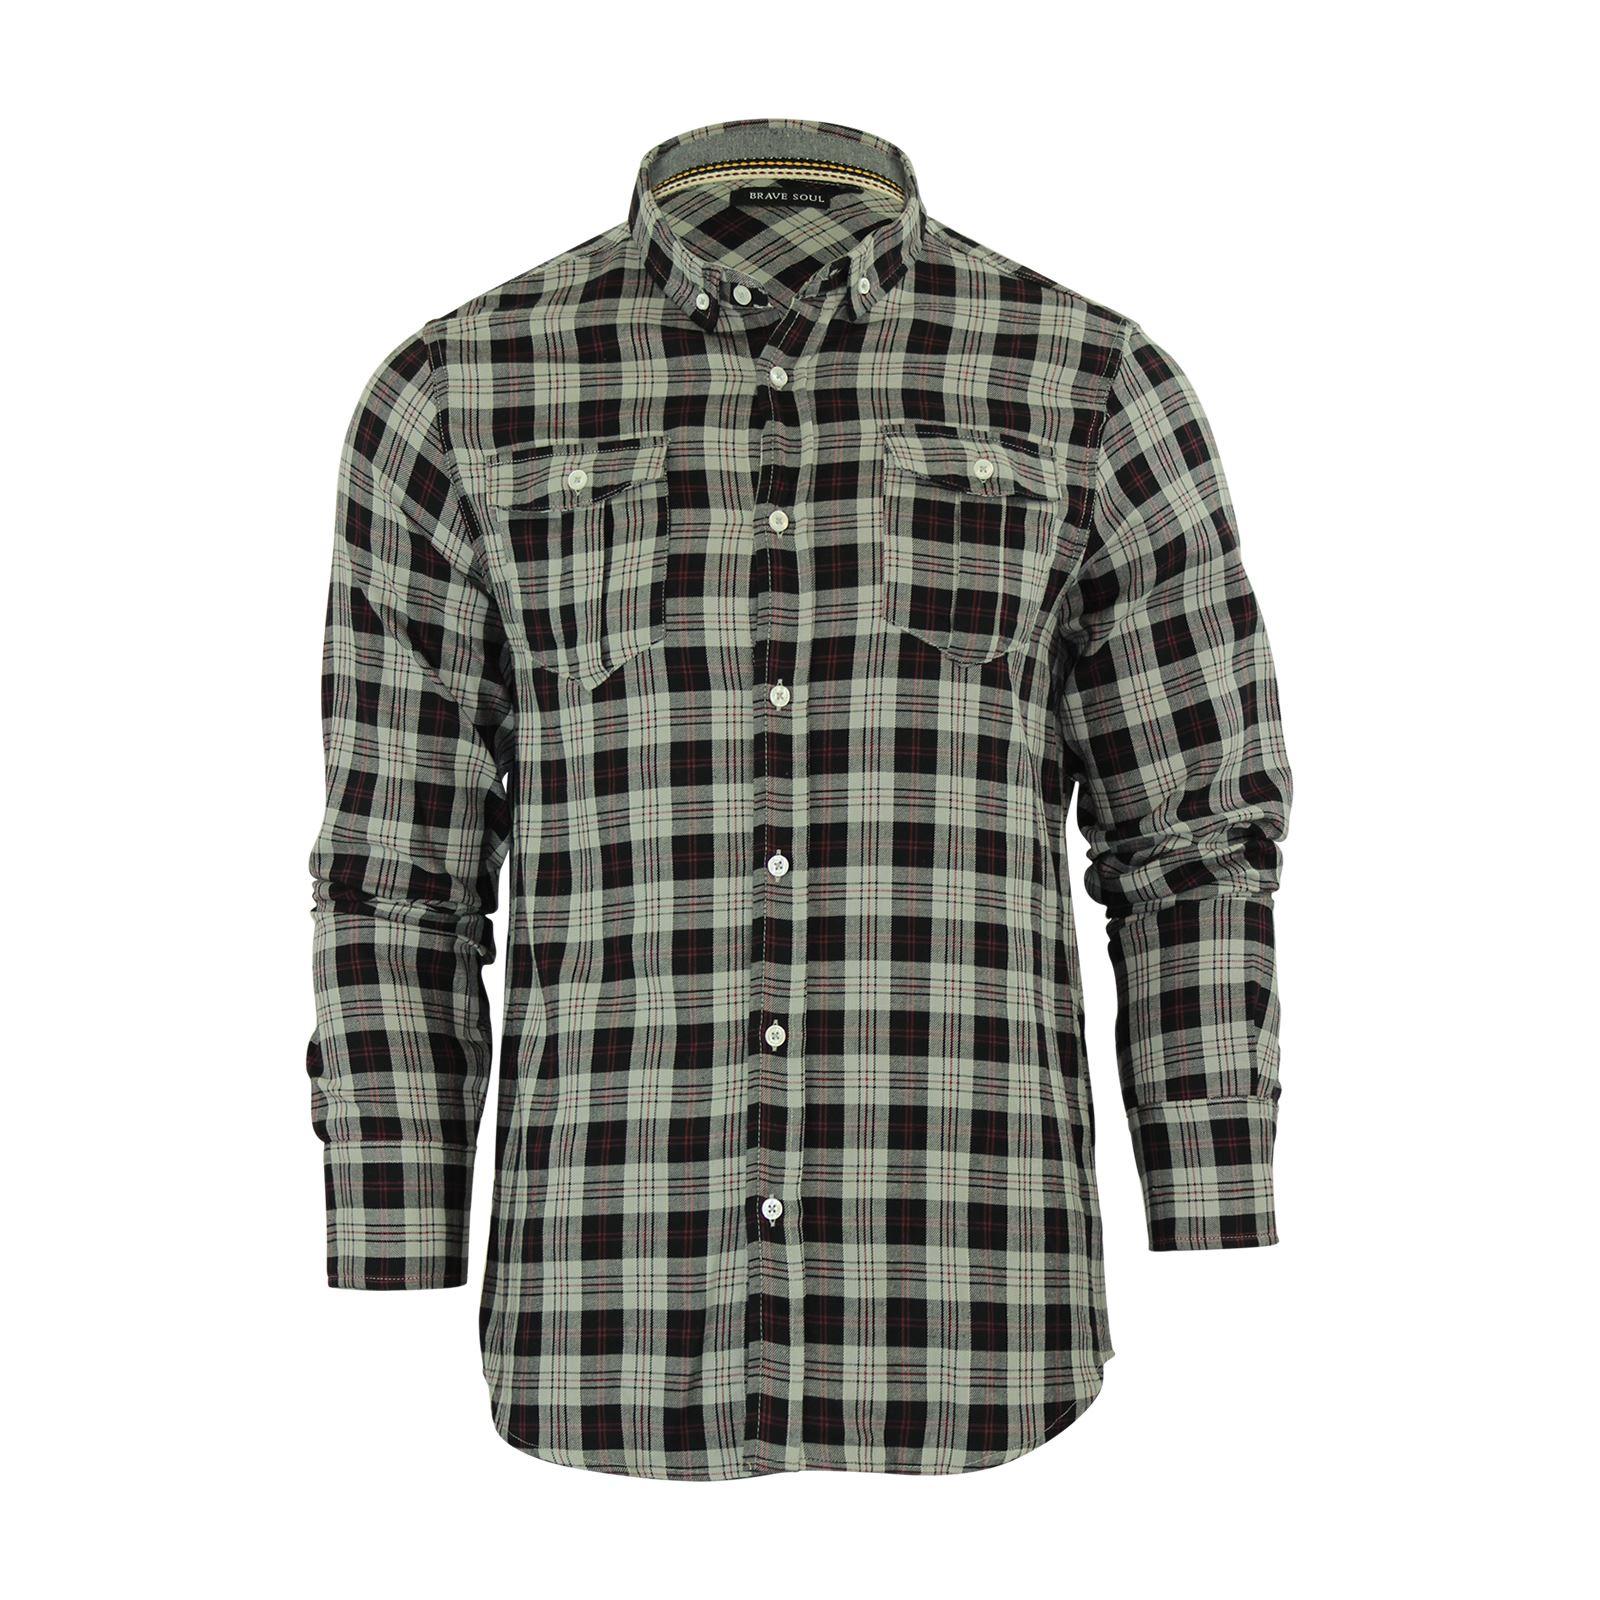 Alma-VALIENTE-HOMBRE-compruebe-Camisa-Algodon-Cepillado-De-Franela-Top-Manga-Larga-Casual miniatura 14